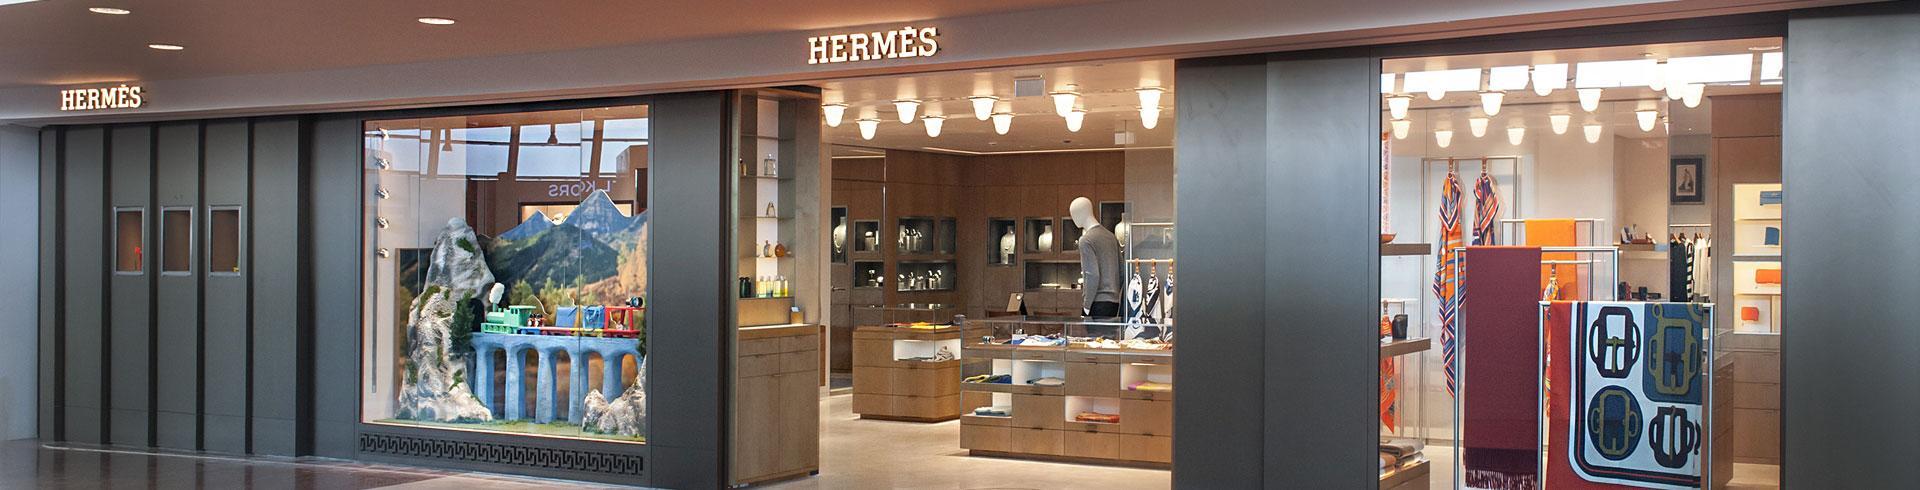 Hermès   Mode   Accessoires   Terminal 1   Boutiques   Services   La ... 367033a00b7